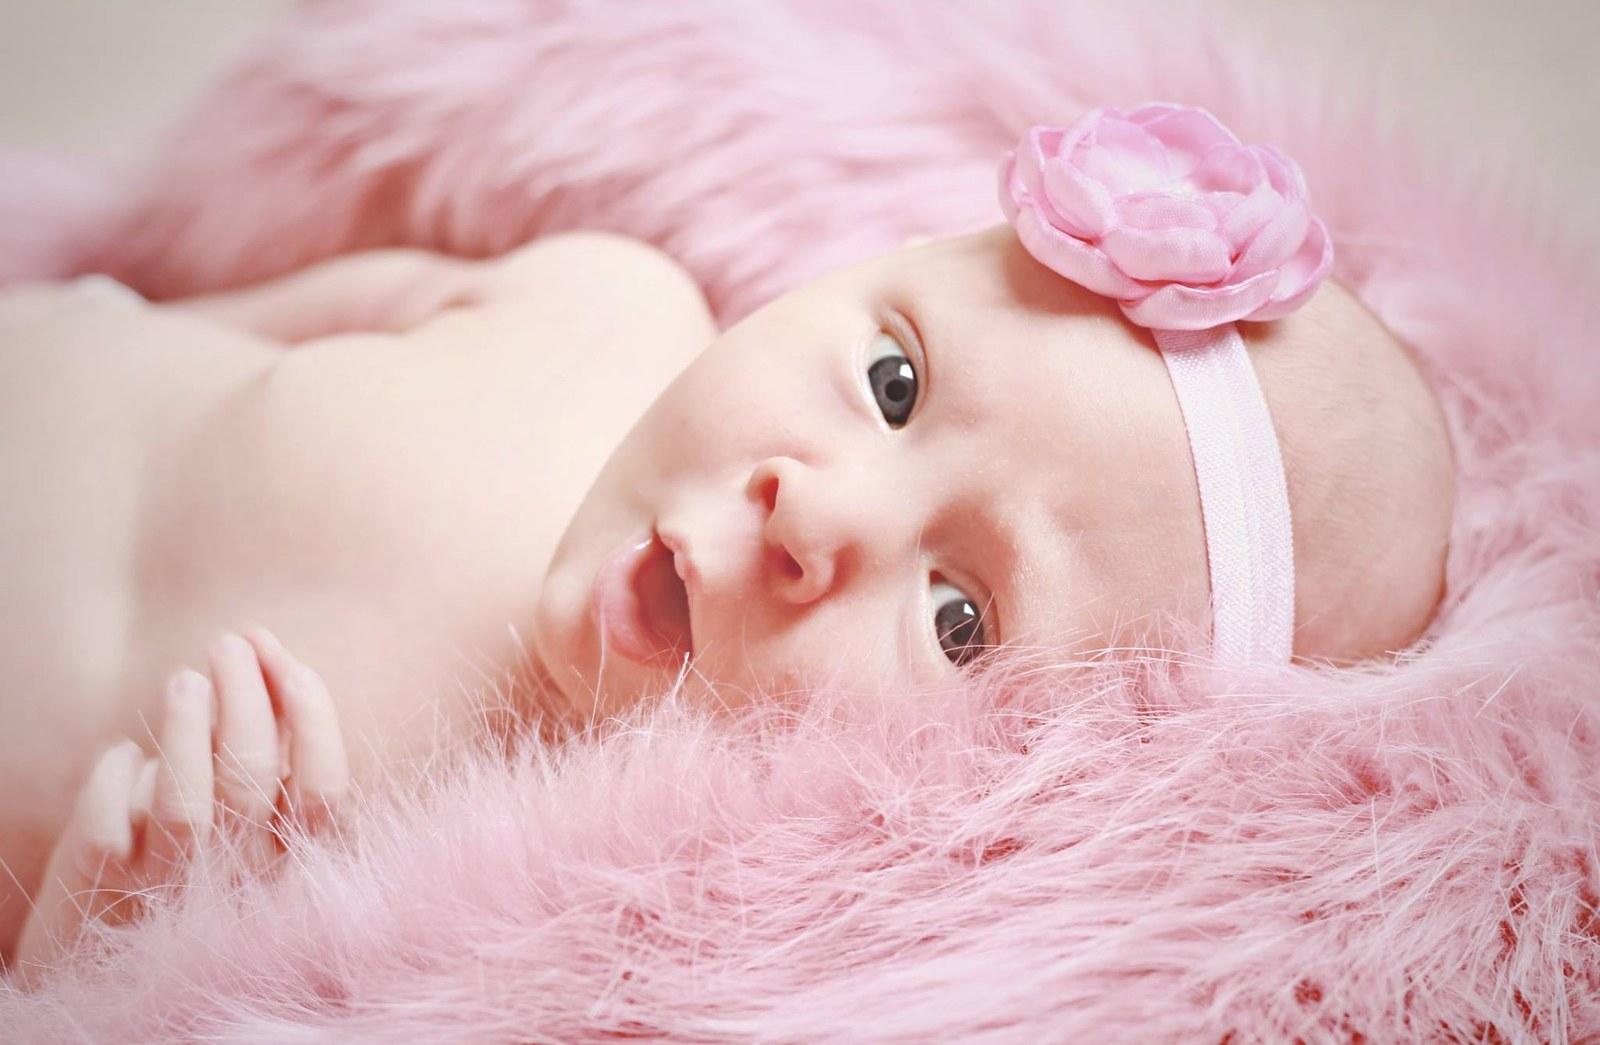 Čelenka pro miminka - růžová   Zboží prodejce Holečkovic  a6dad942d0